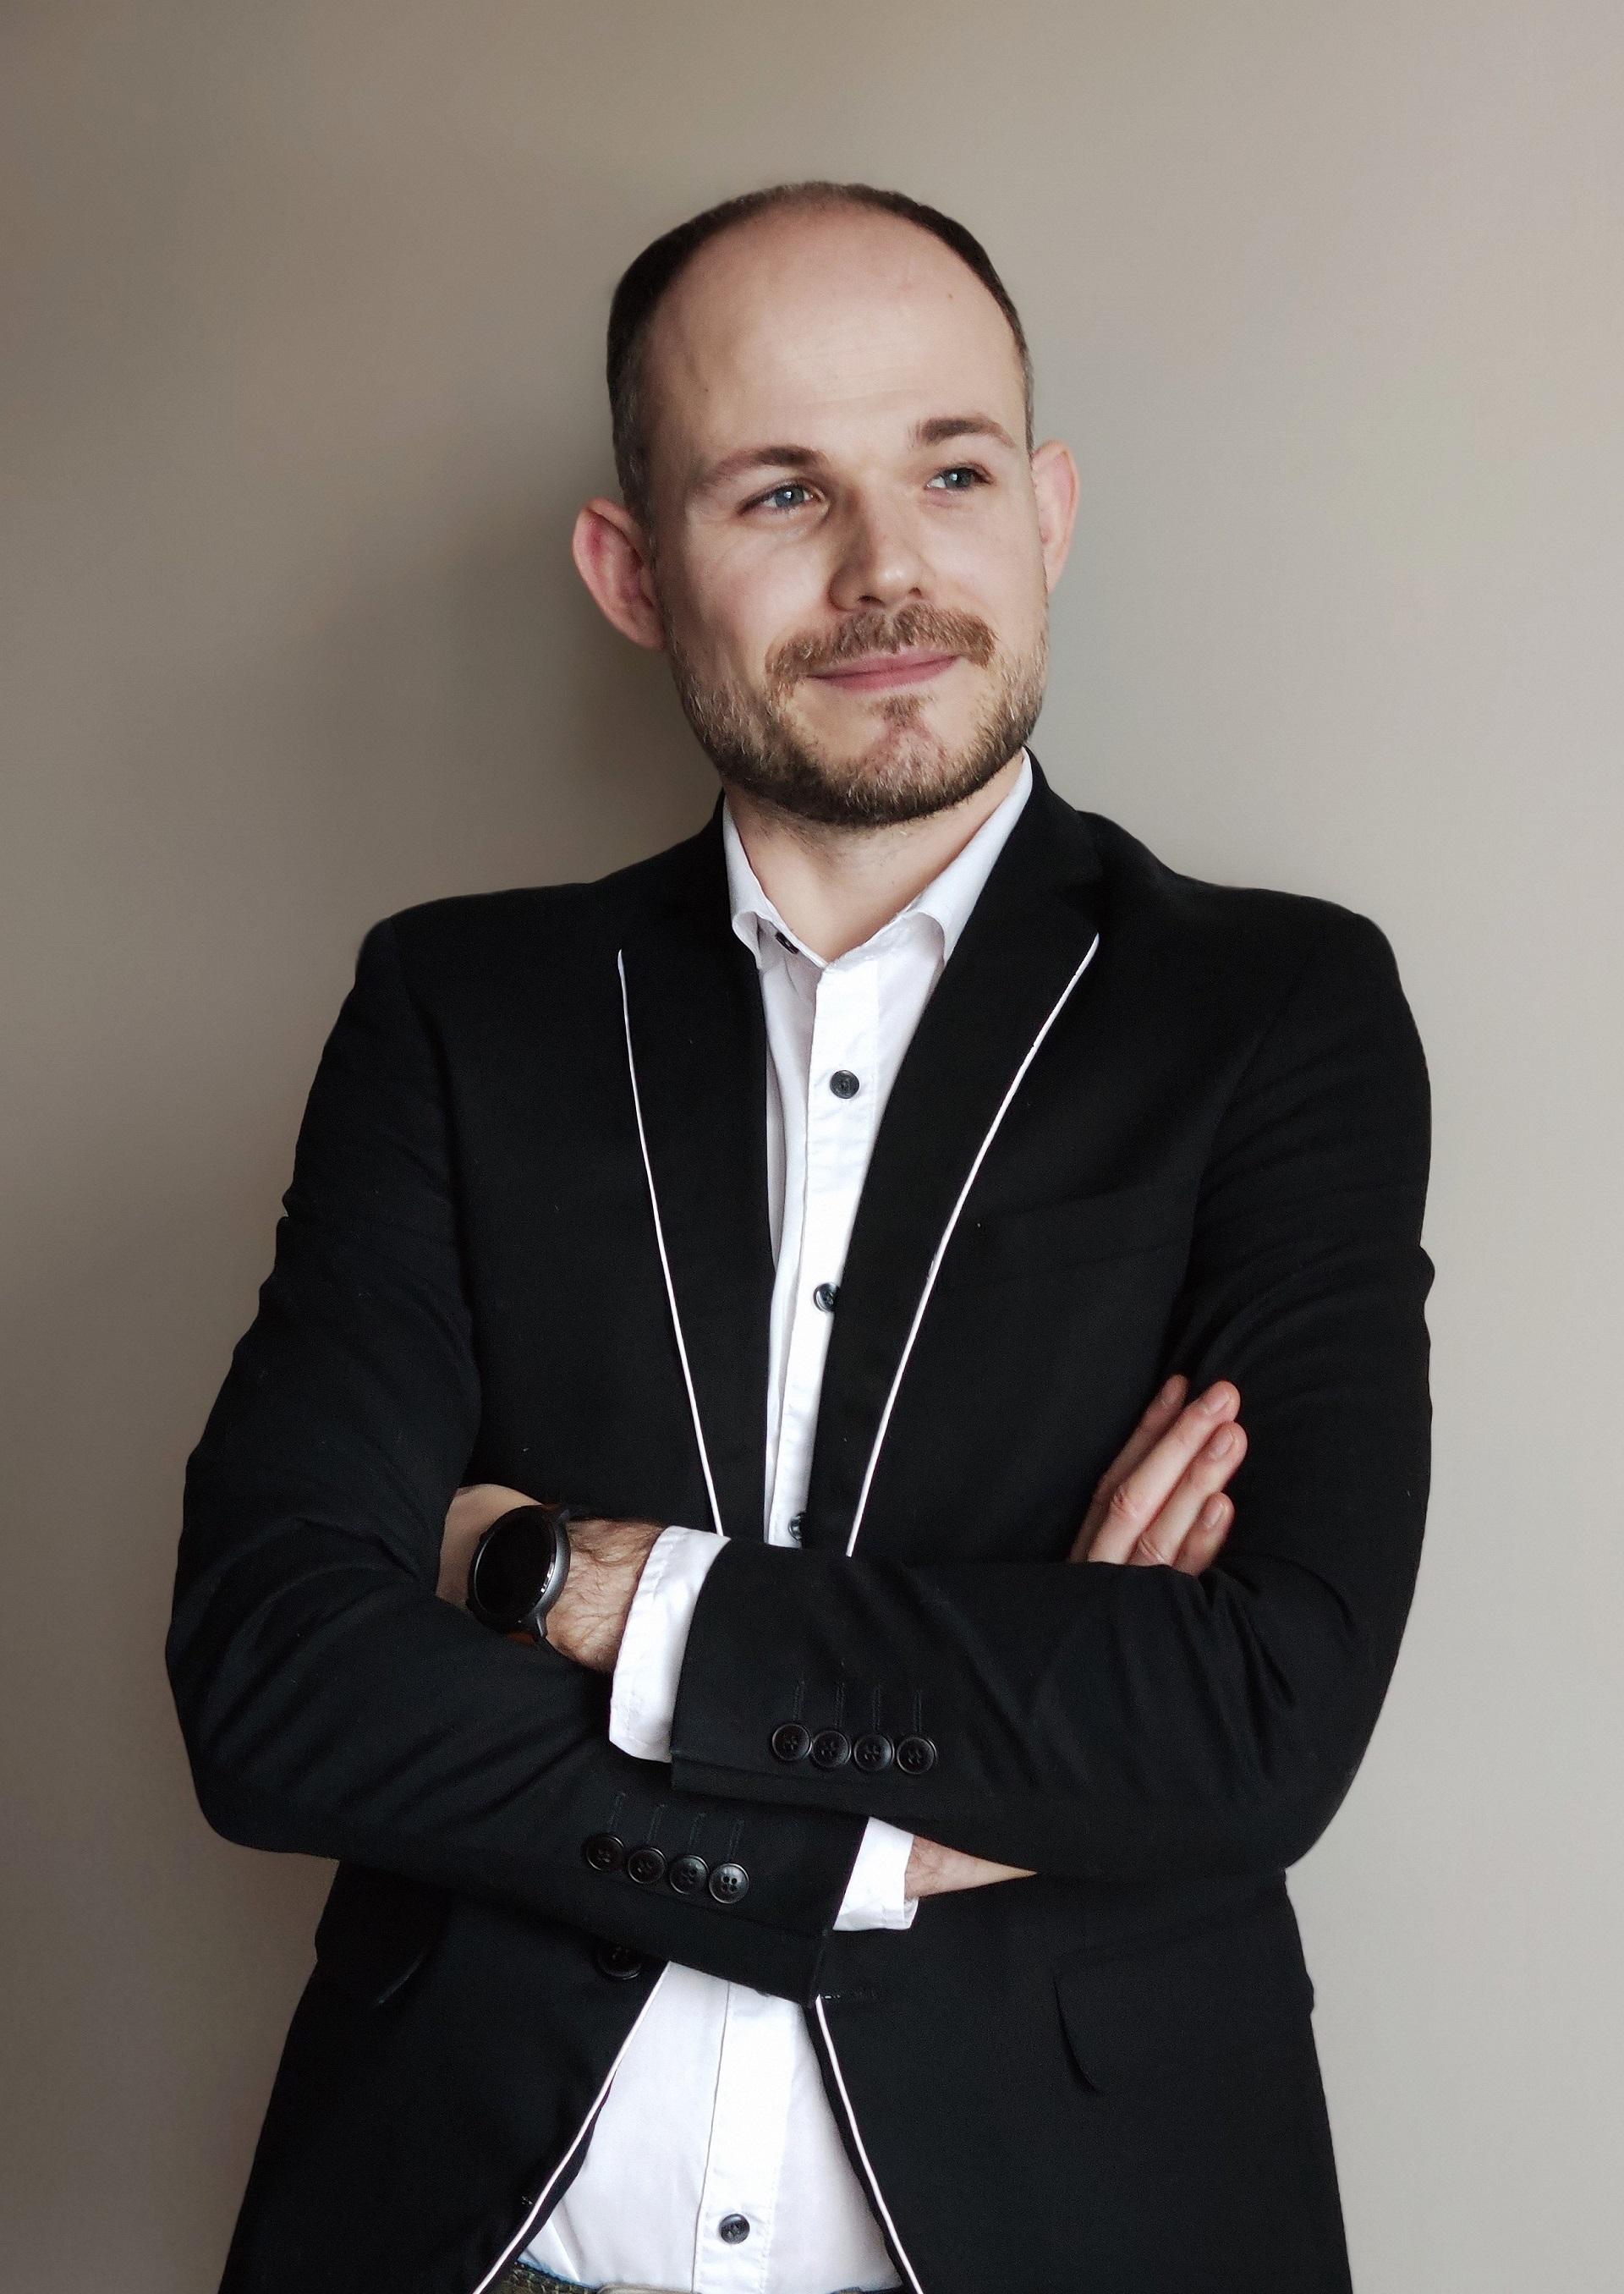 Agile konsultantas Andrius Degutis sako, kad tinklalaidė naudinga ne tik klausytojams, bet ir patiems Agile konsultantams ir tiems, kurie šią metodiką jau taiko įmonėse./Asmeninio archyvo nuotr.